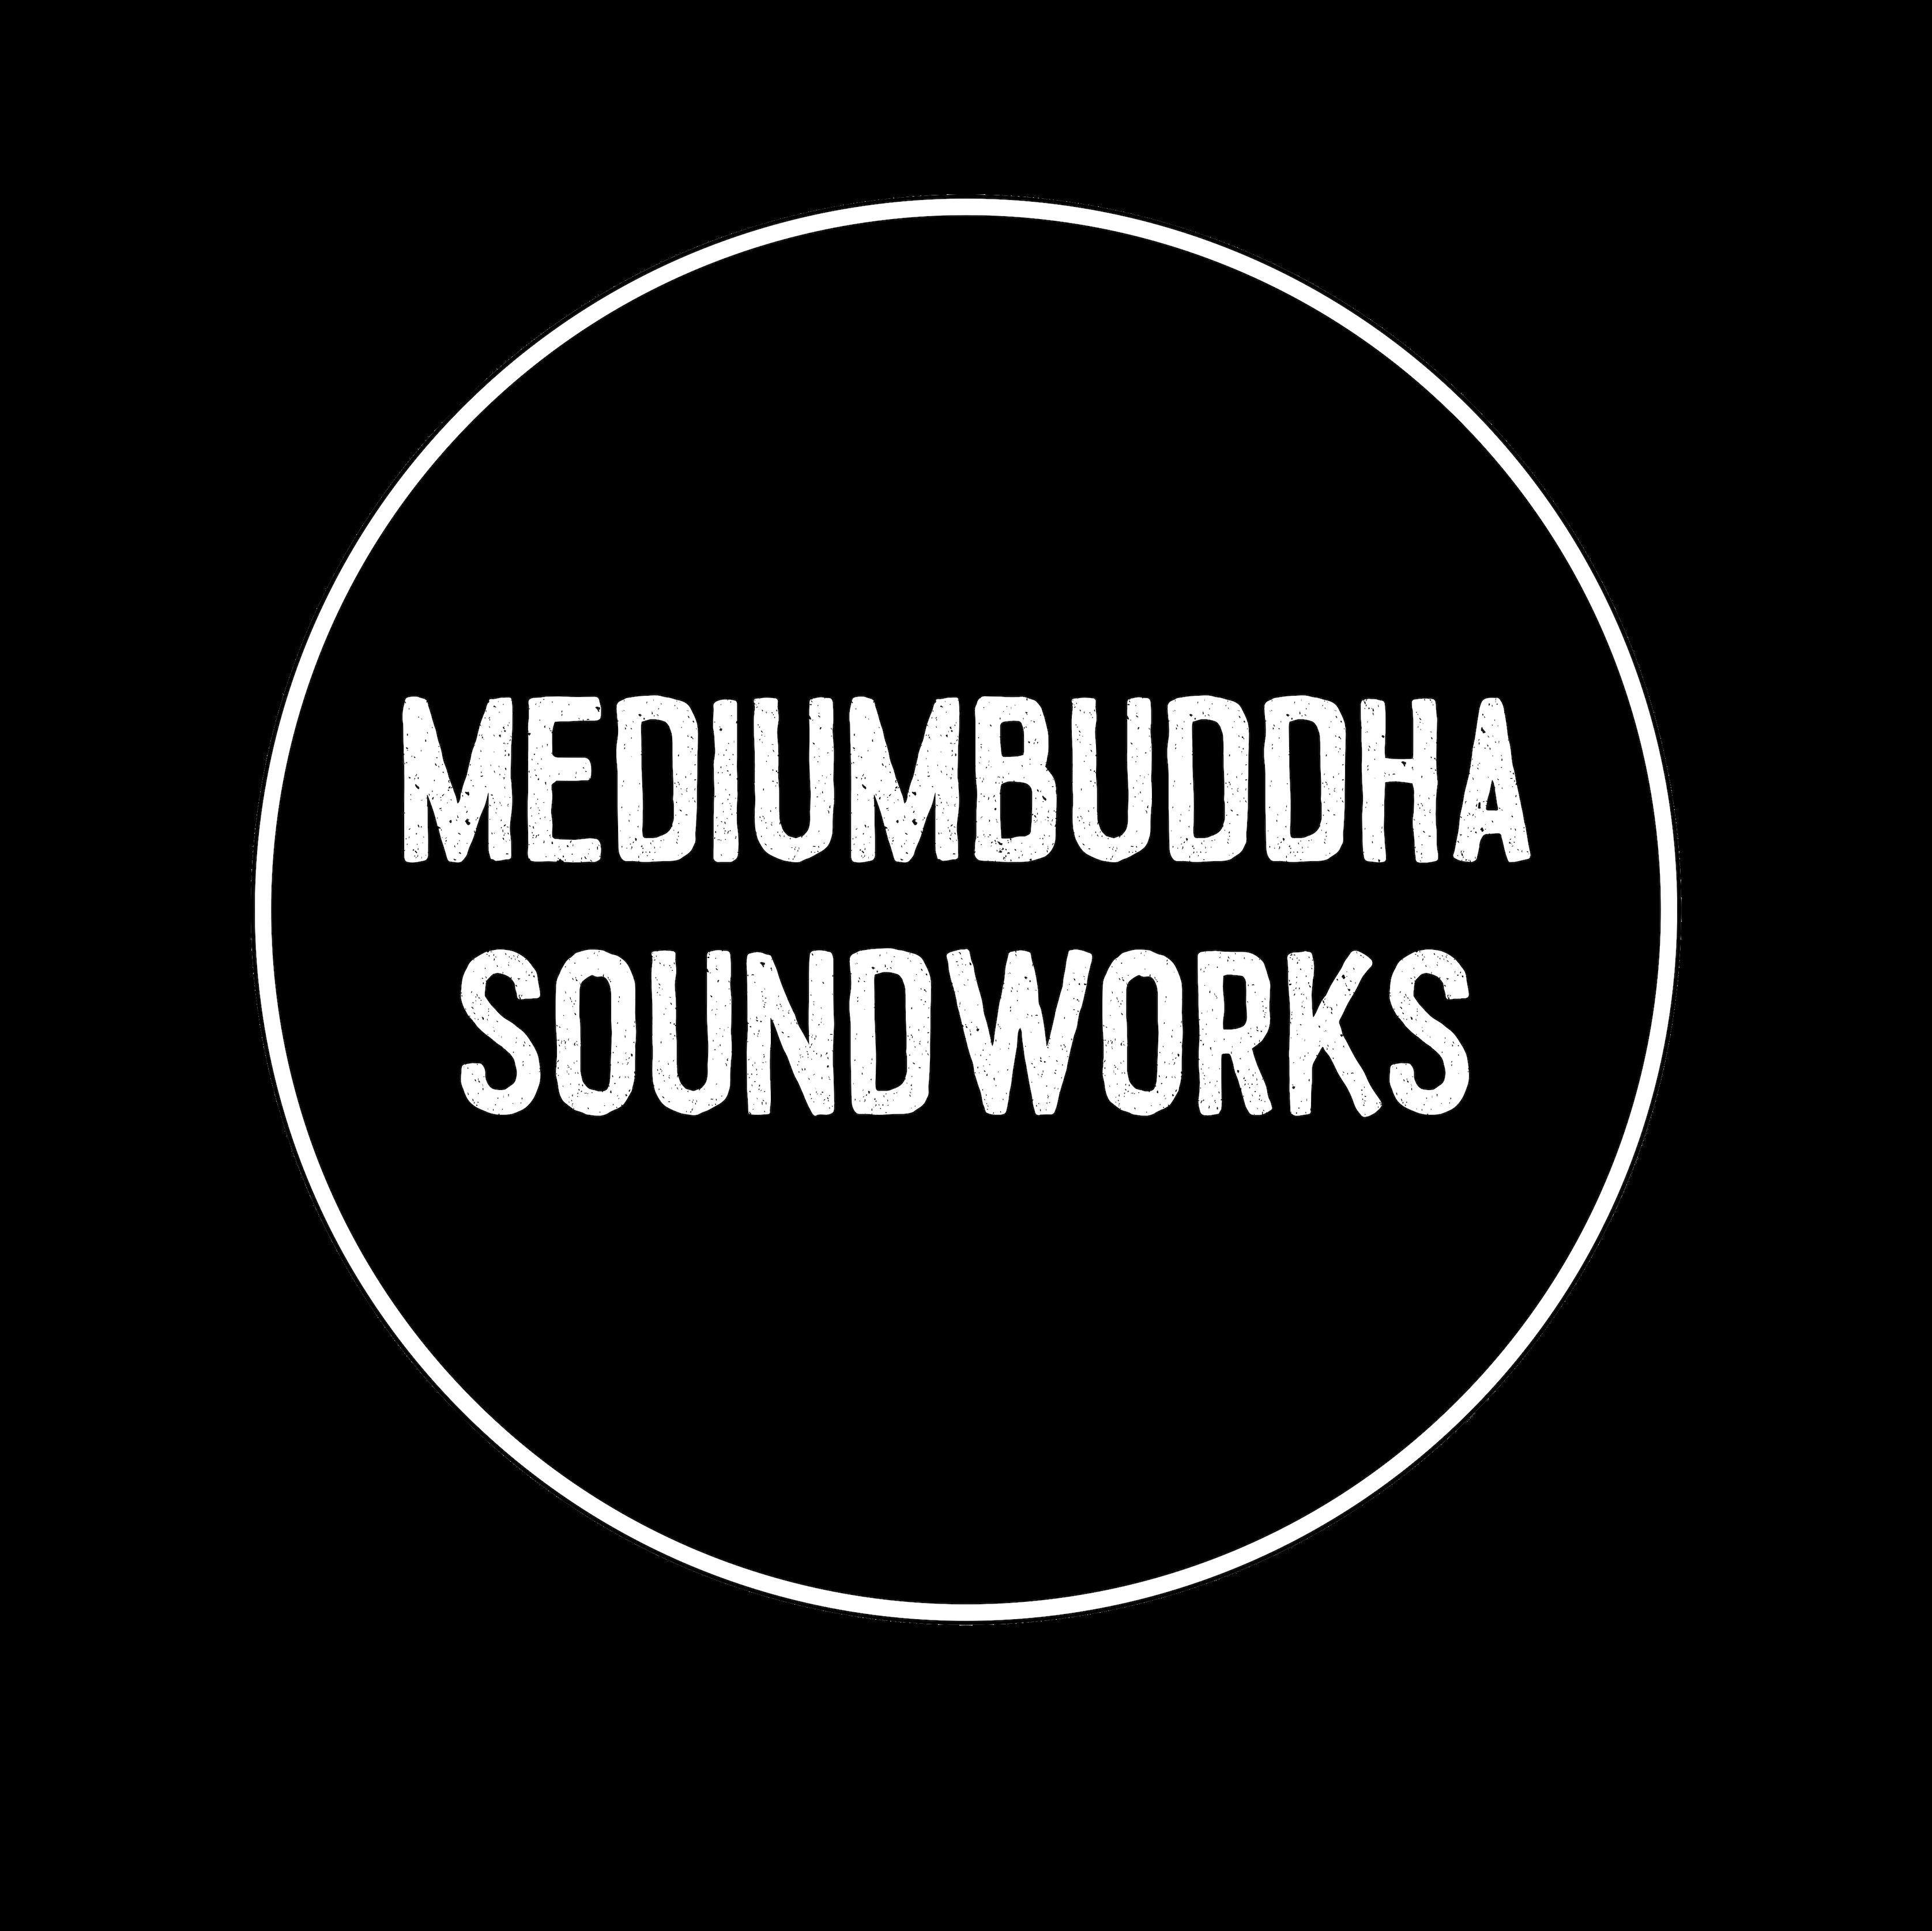 Mediumbuddha